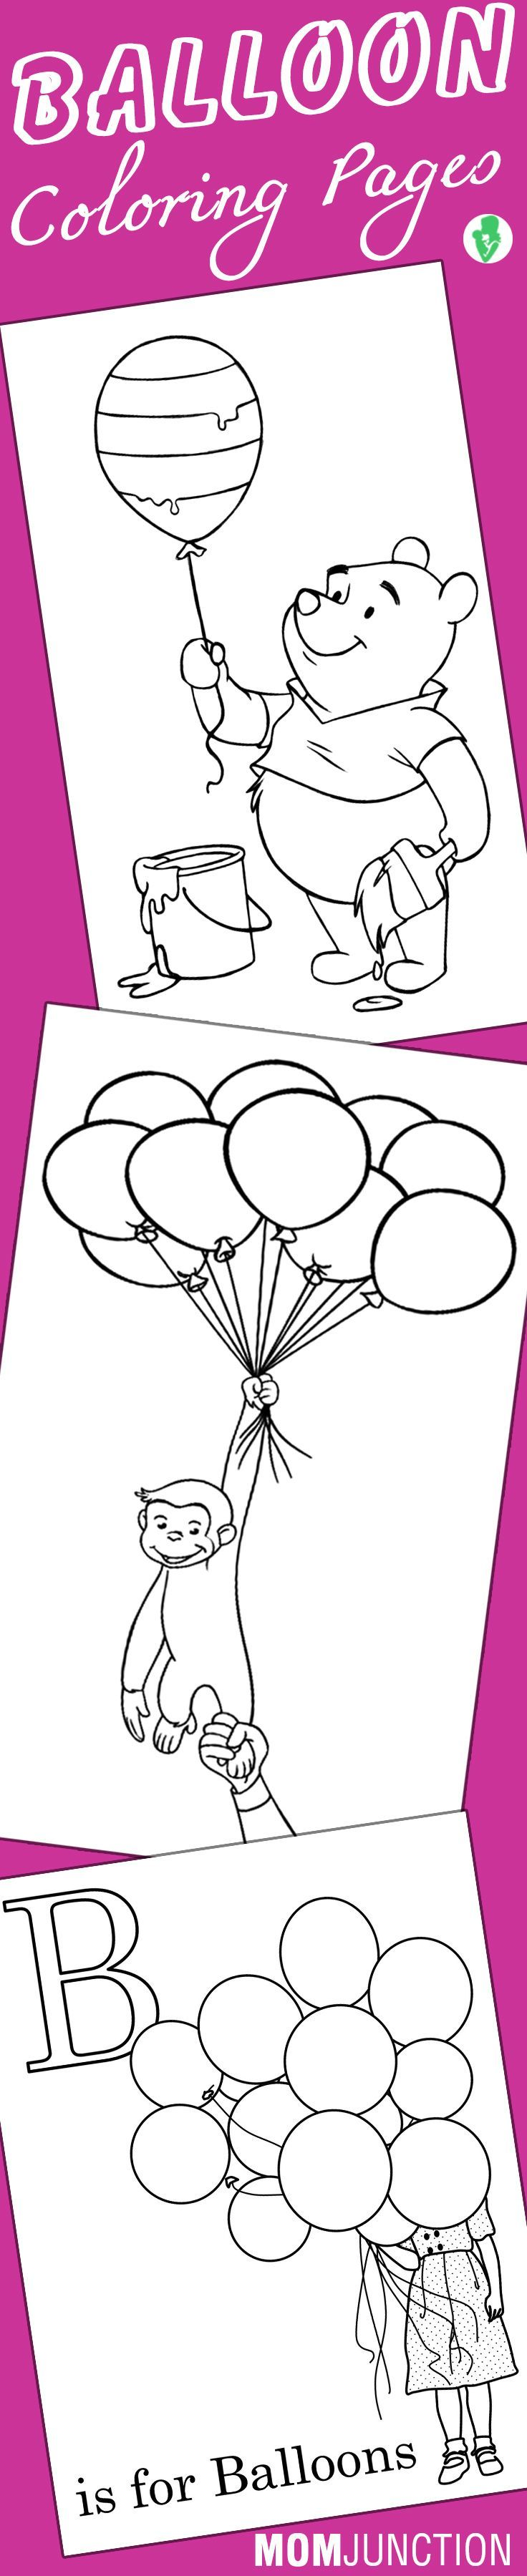 Genial Malvorlagen Für Kinder Ab 5 - Art von Malvorlagen